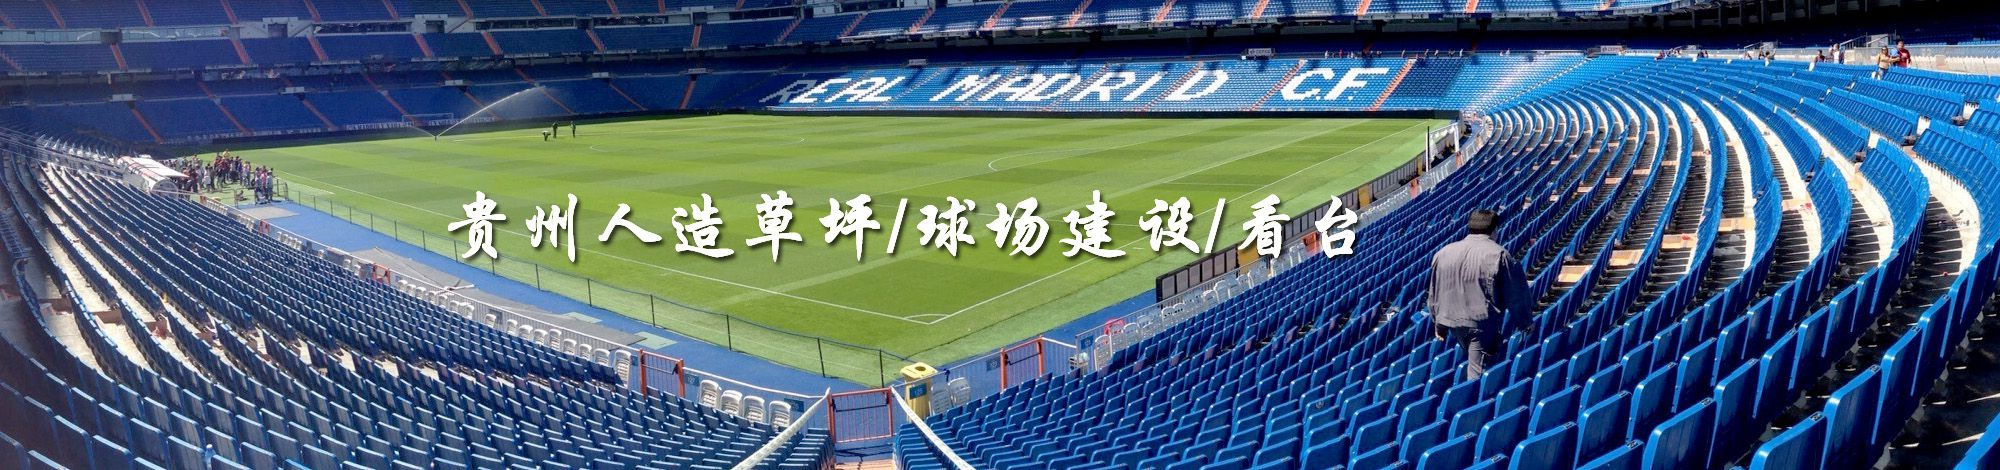 贵州博天运动场地设施有限公司